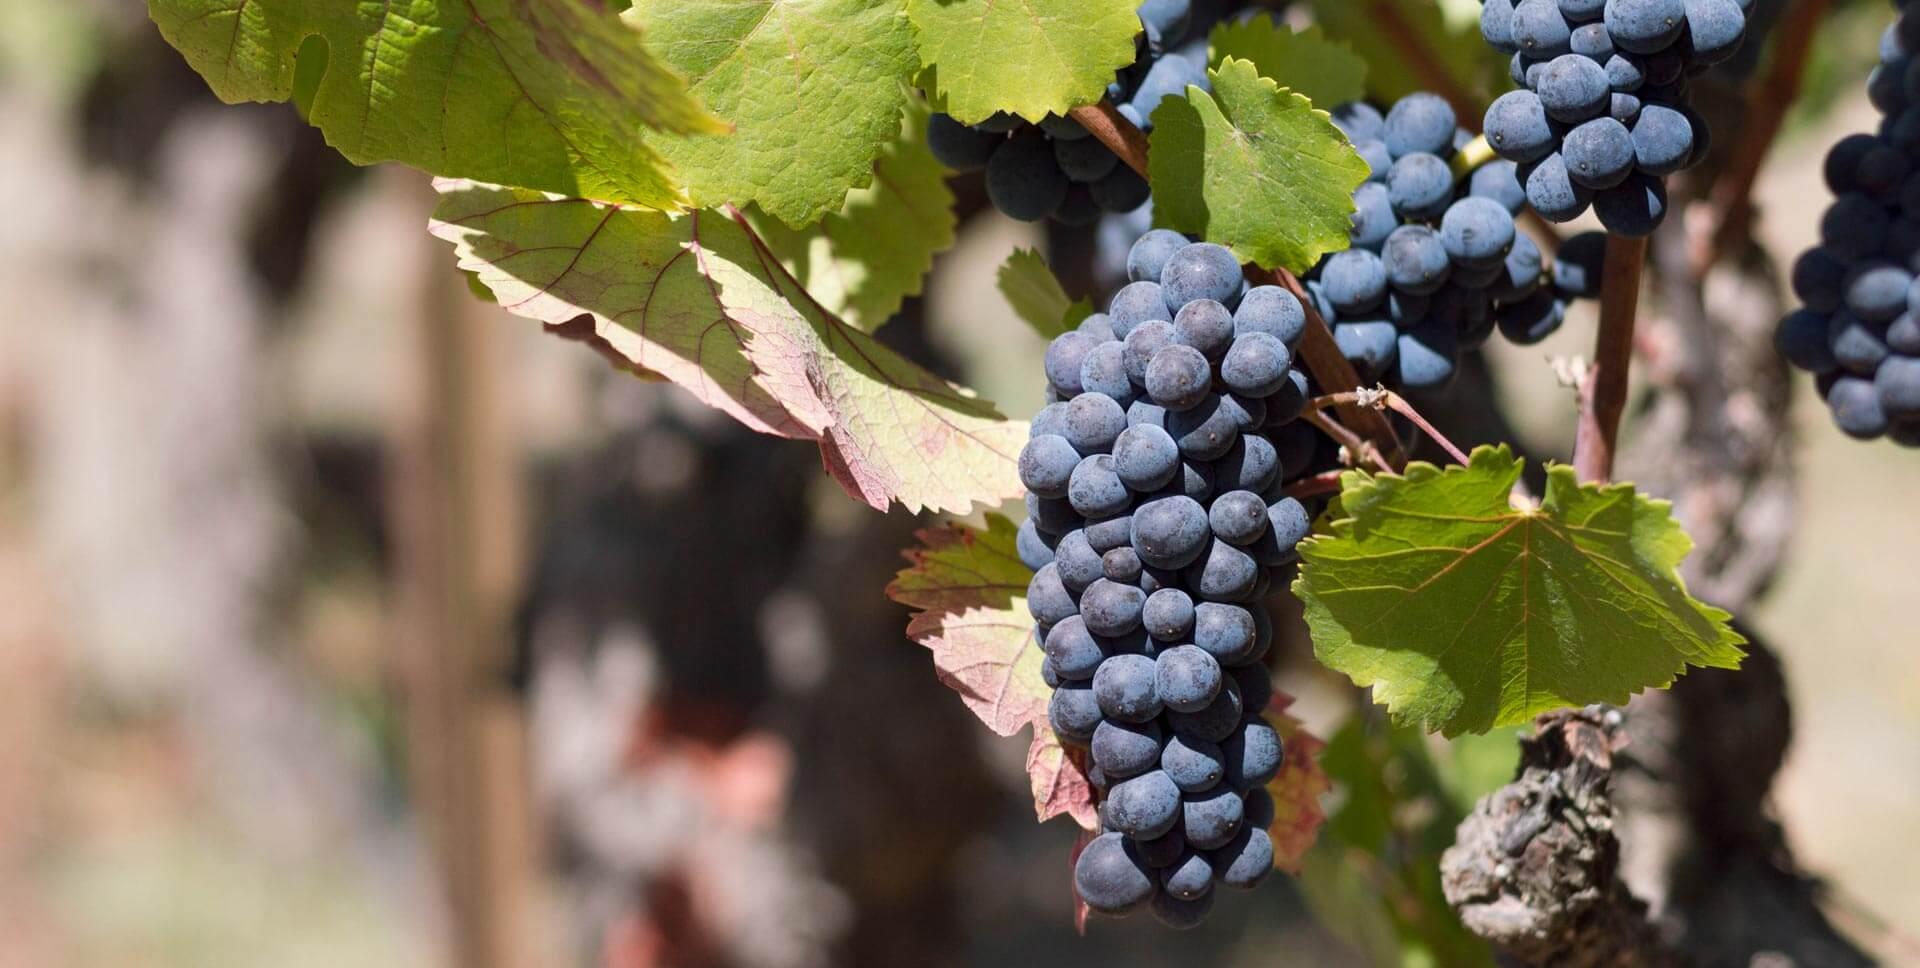 Resveratrol, Antioxidante ¿para qué sirve? Magnotun 7s Antioxidante, Magnotun7s